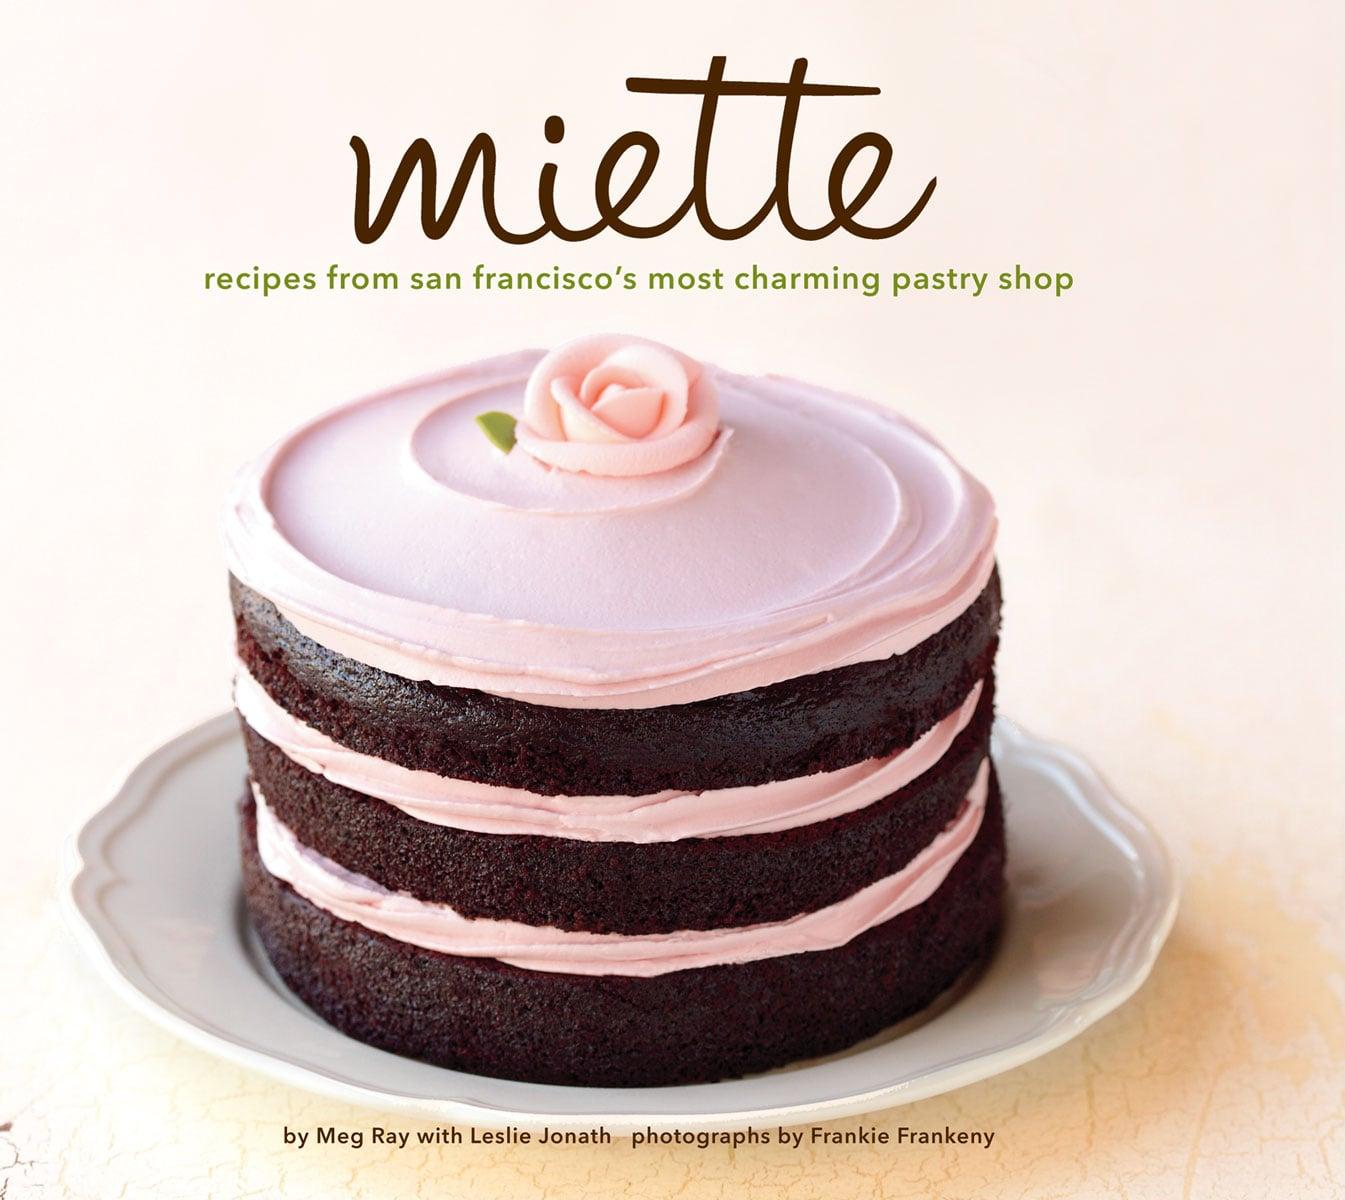 A Dainty Dessert Book